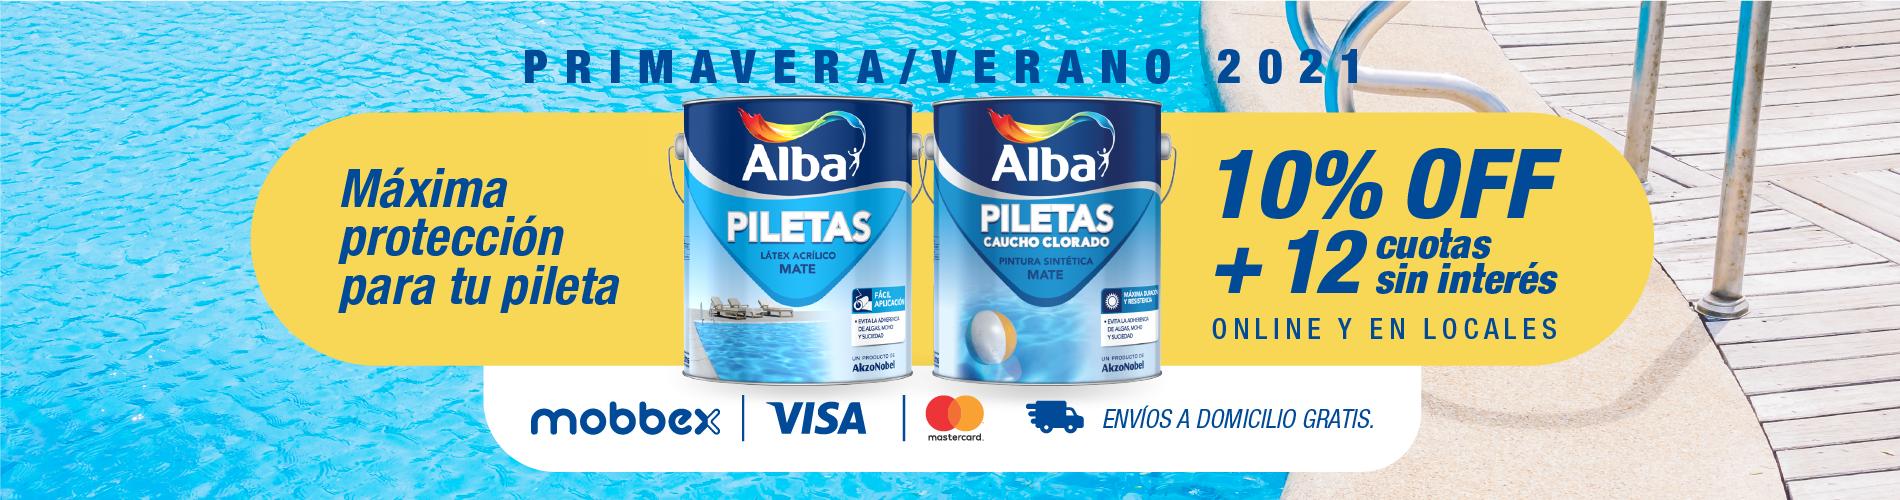 Banner promo Piletas